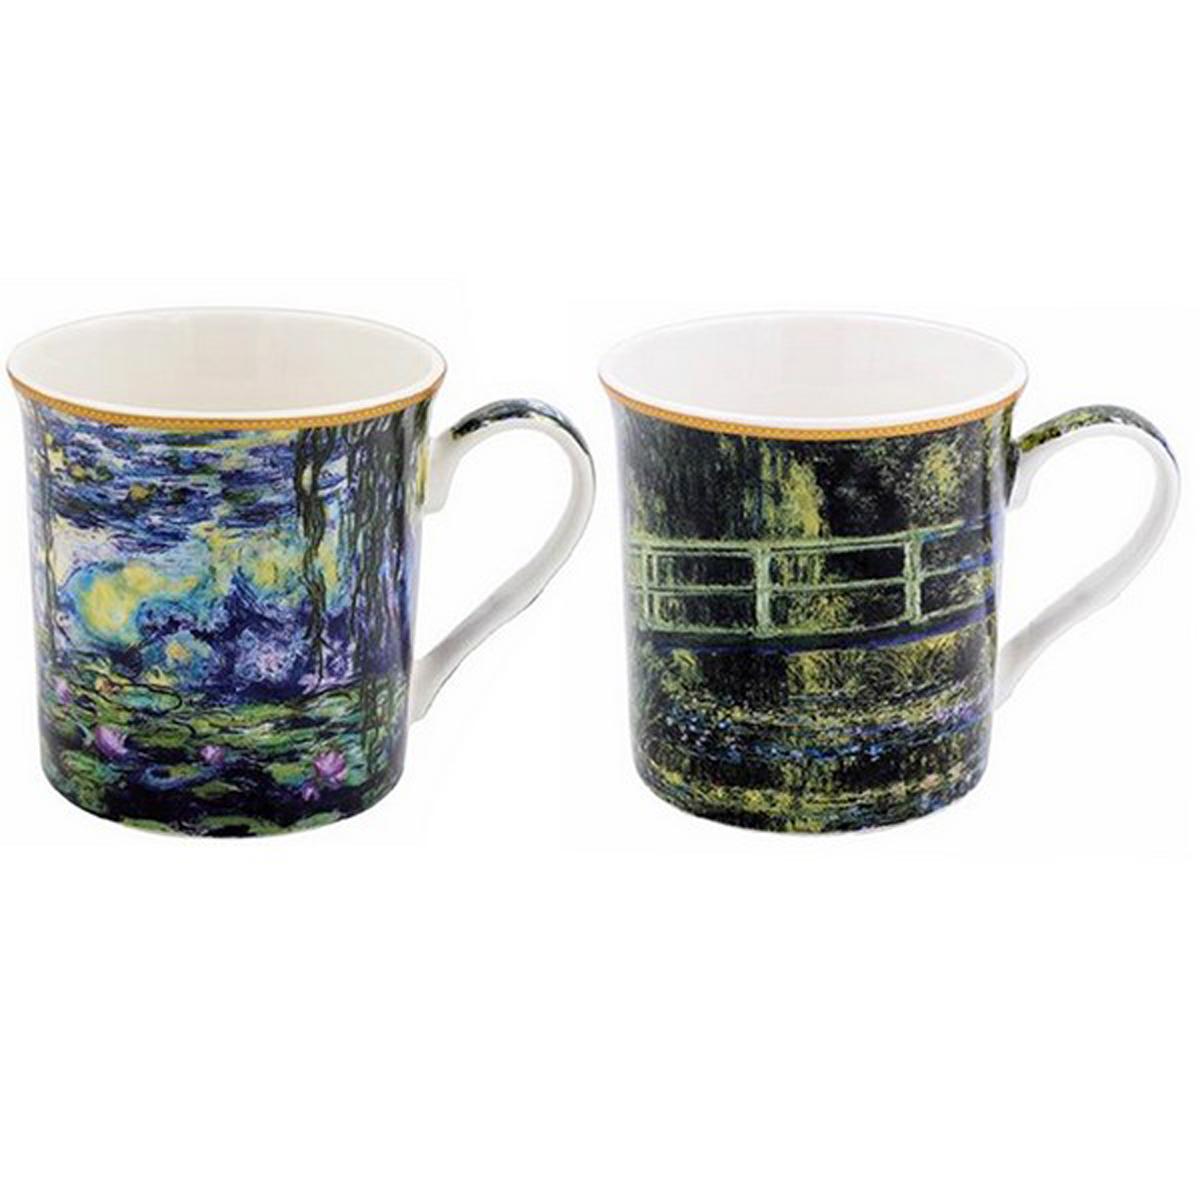 Coffret cadeau porcelaine \'Claude Monet\' (2 mugs) - 85x85 mm - [A0199]